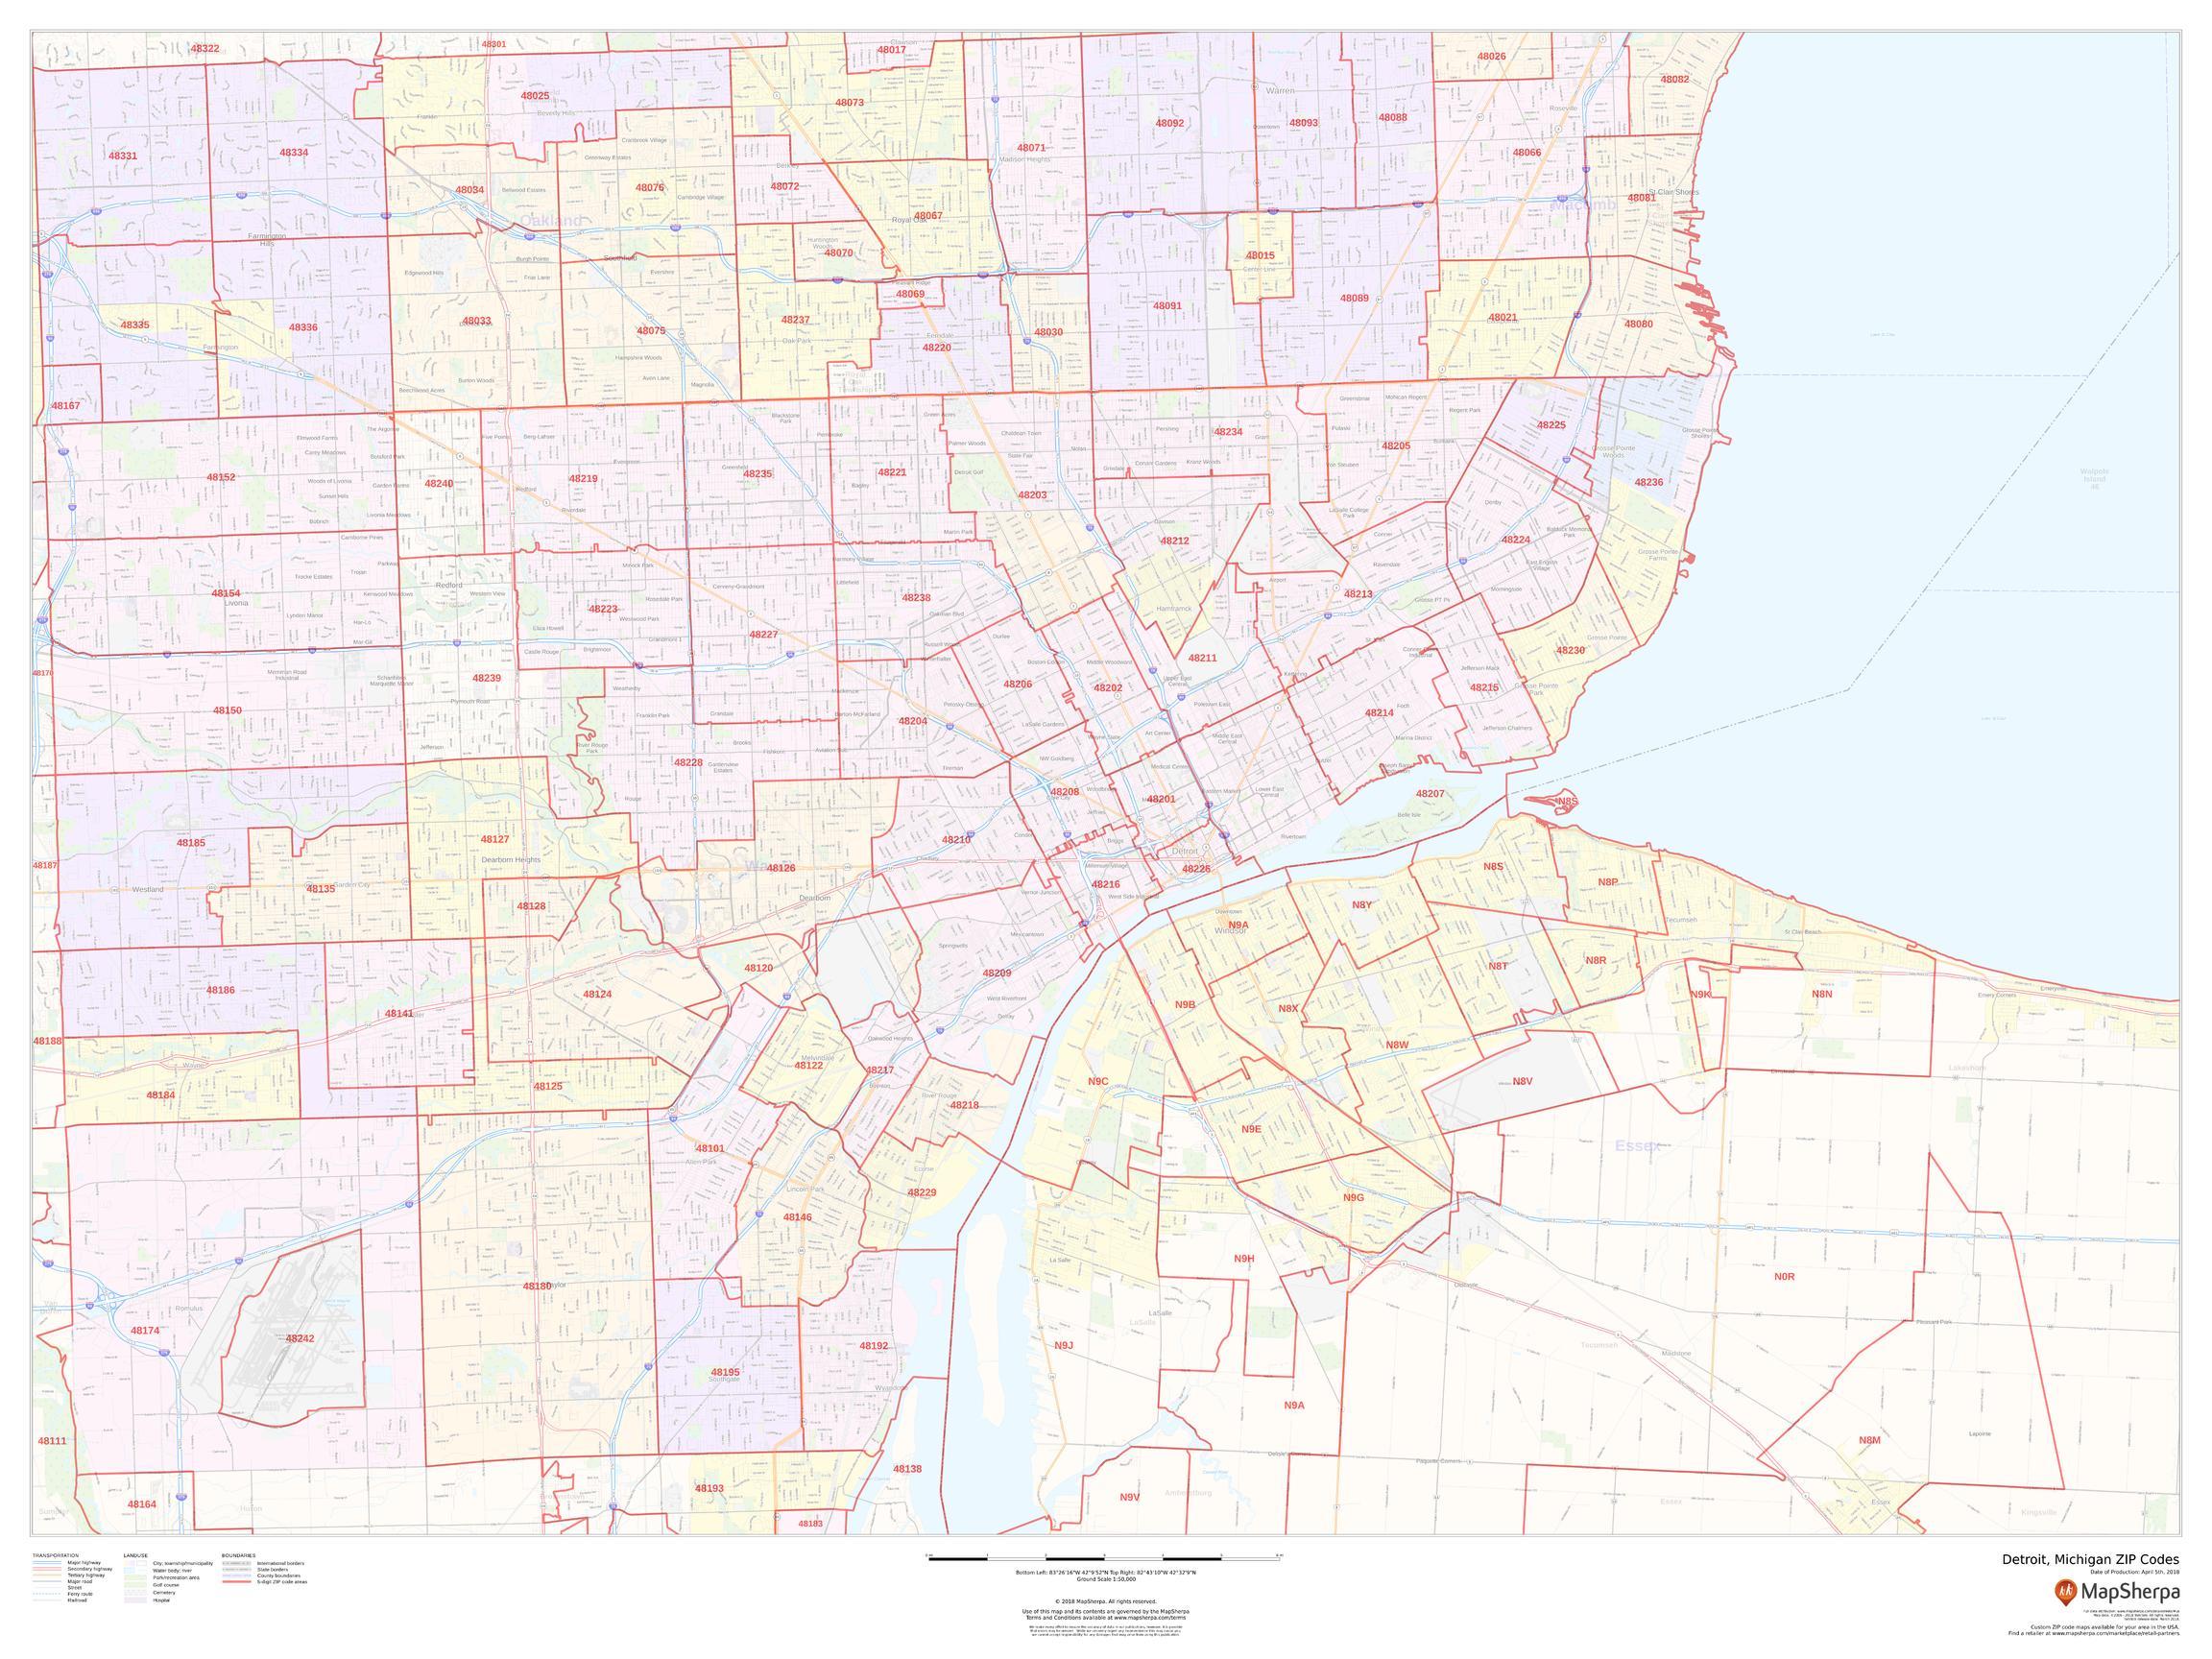 Detroit Zip Codes Map, Michigan ZIP Codes